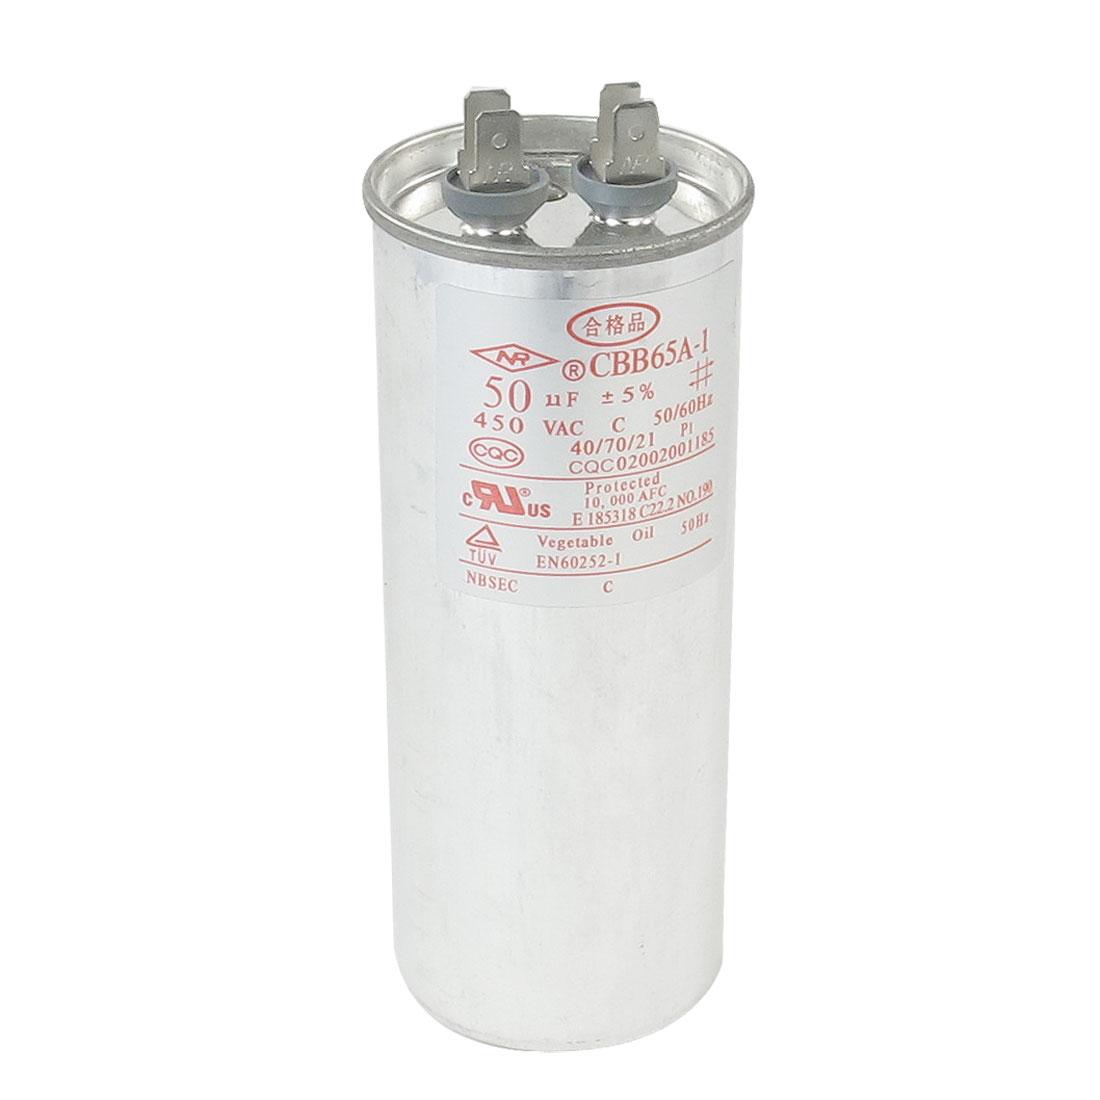 AC 450V 50uF 50/60Hz Metallized Polypropylene Film Motor Capacitor CBB65A-1